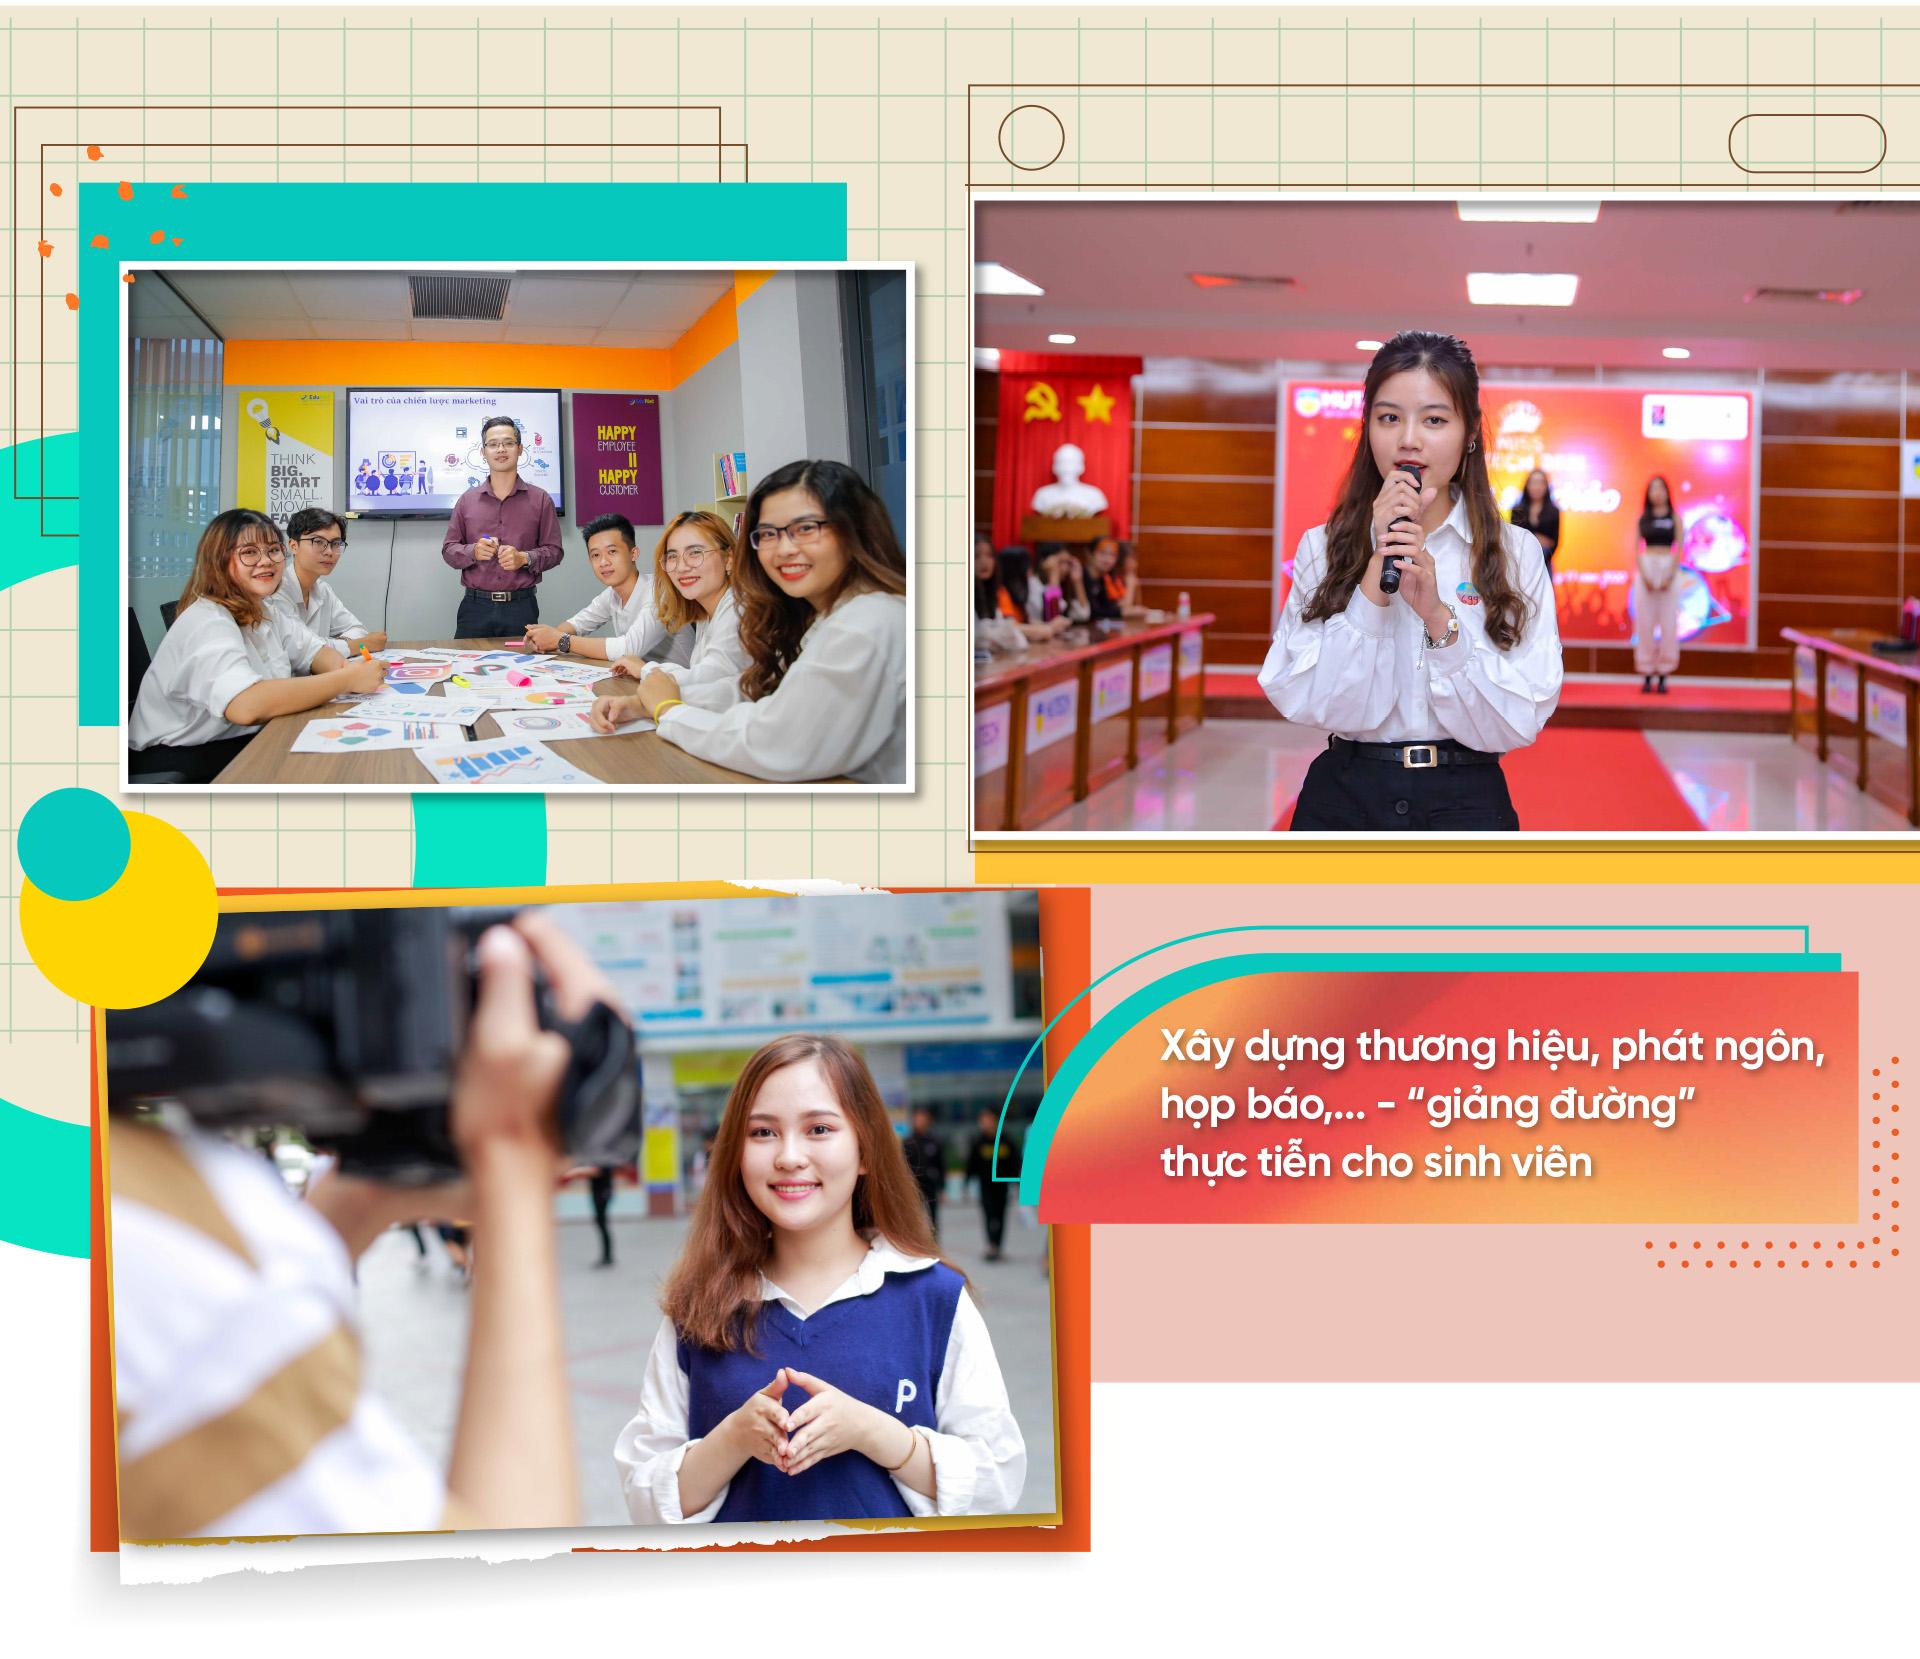 Truyền thông hiện đại - ngành học phục vụ thương hiệu thời 4.0 - Ảnh 6.